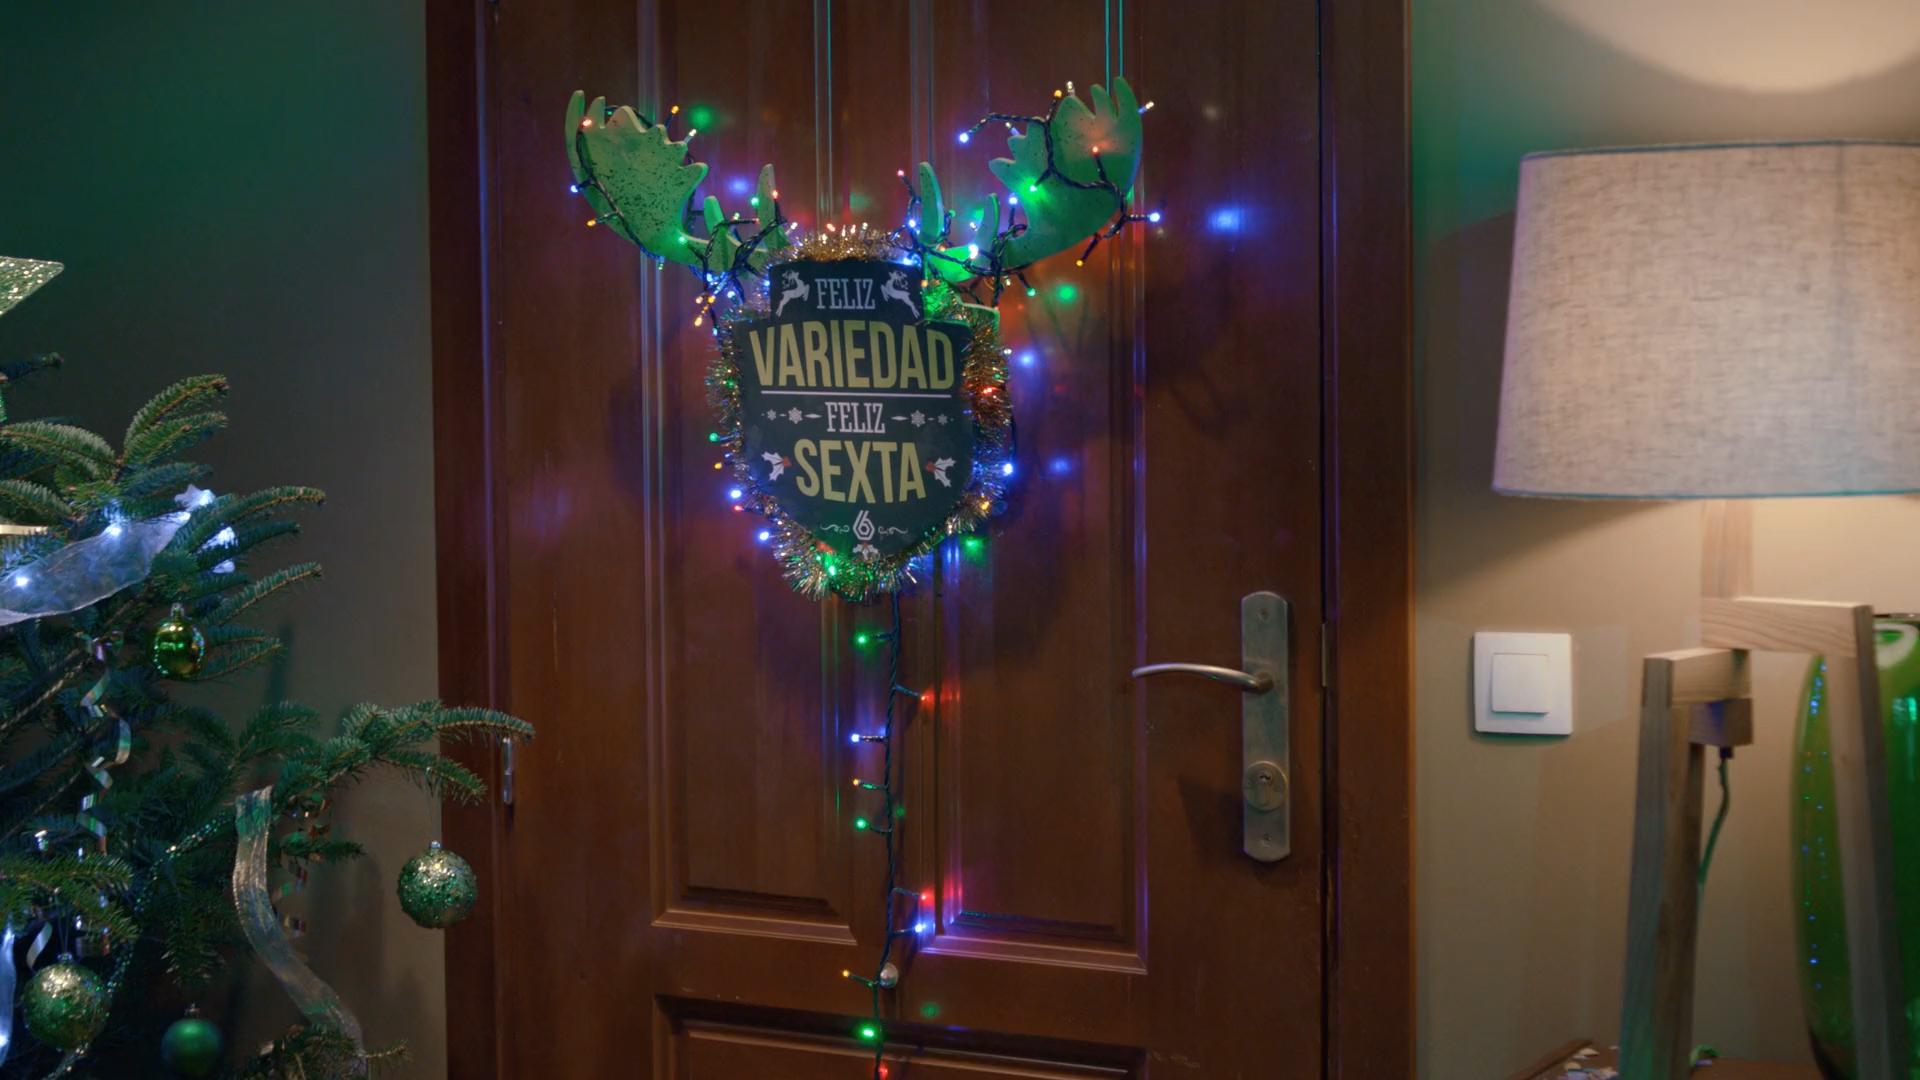 feliz-navidad-la-sexta-el-exilio-luces-video-1920x1080.jpg